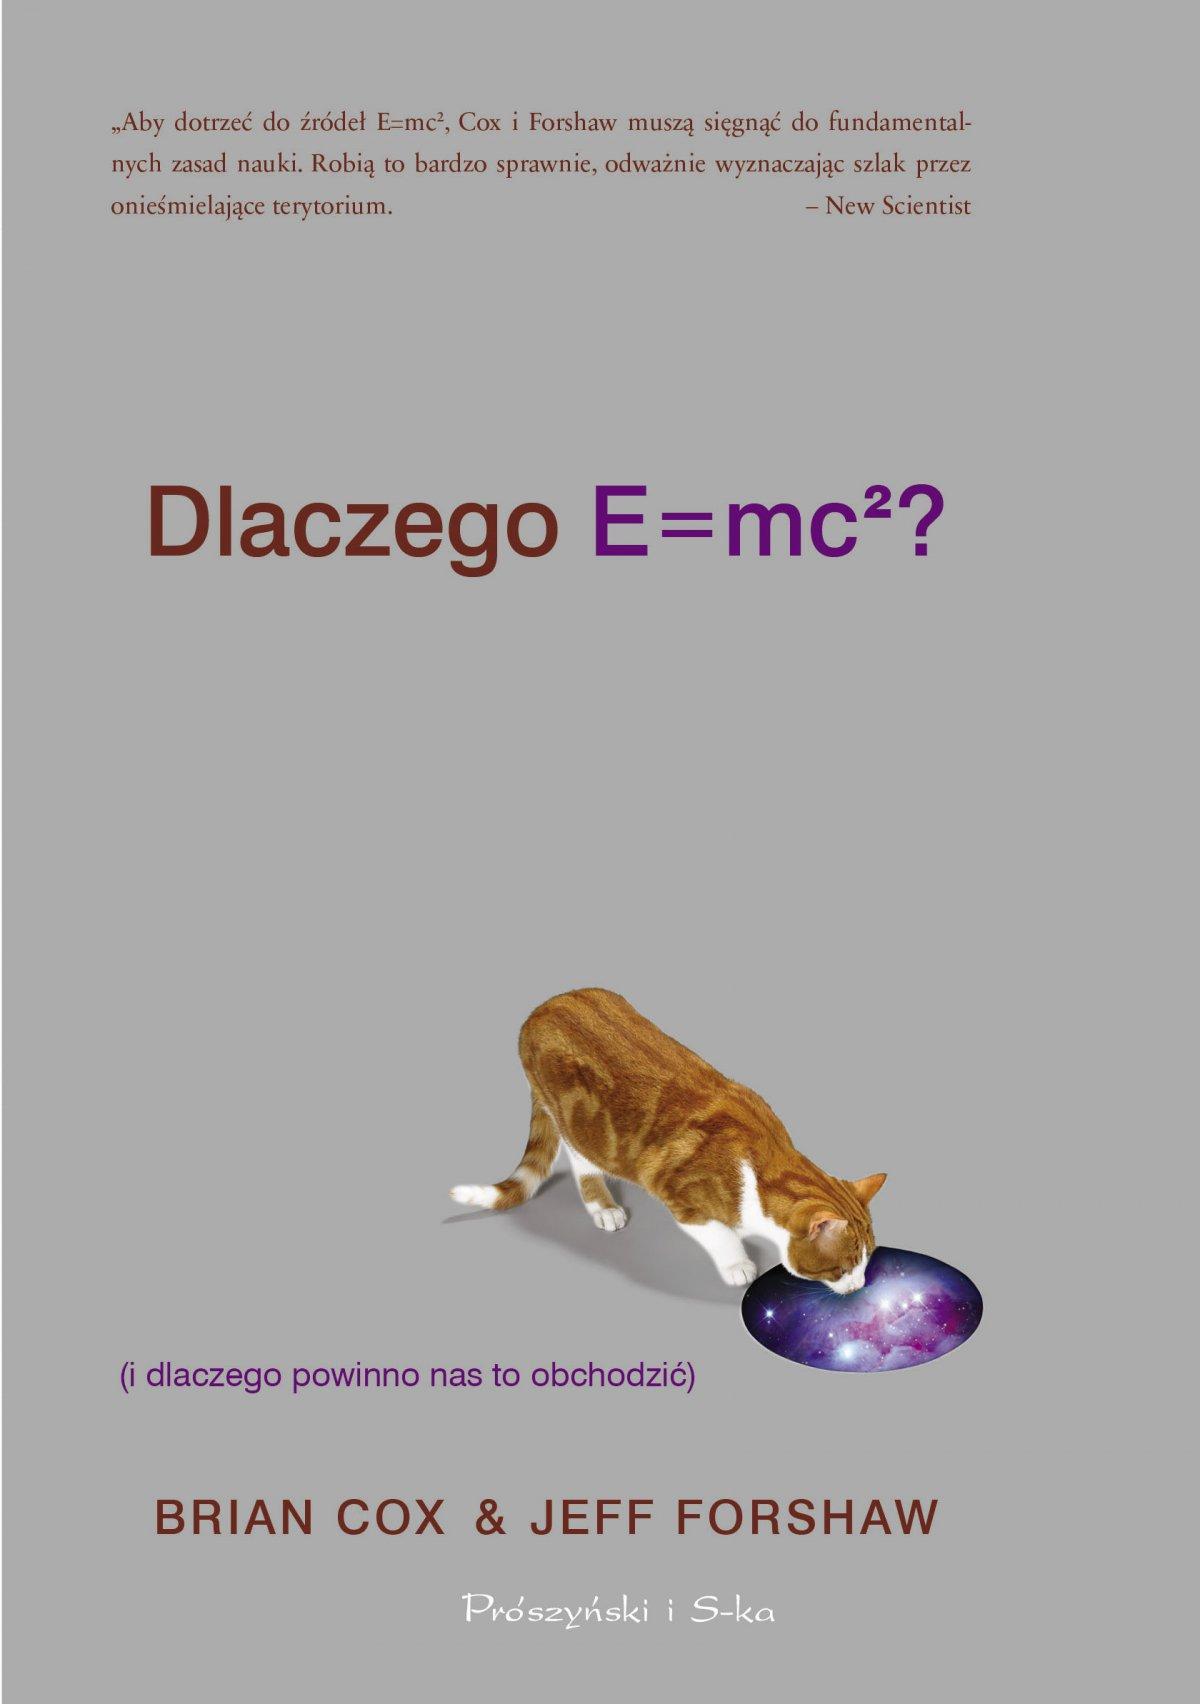 Dlaczego E=mc2 (i dlaczego powinno nas to obchodzić) - Ebook (Książka EPUB) do pobrania w formacie EPUB